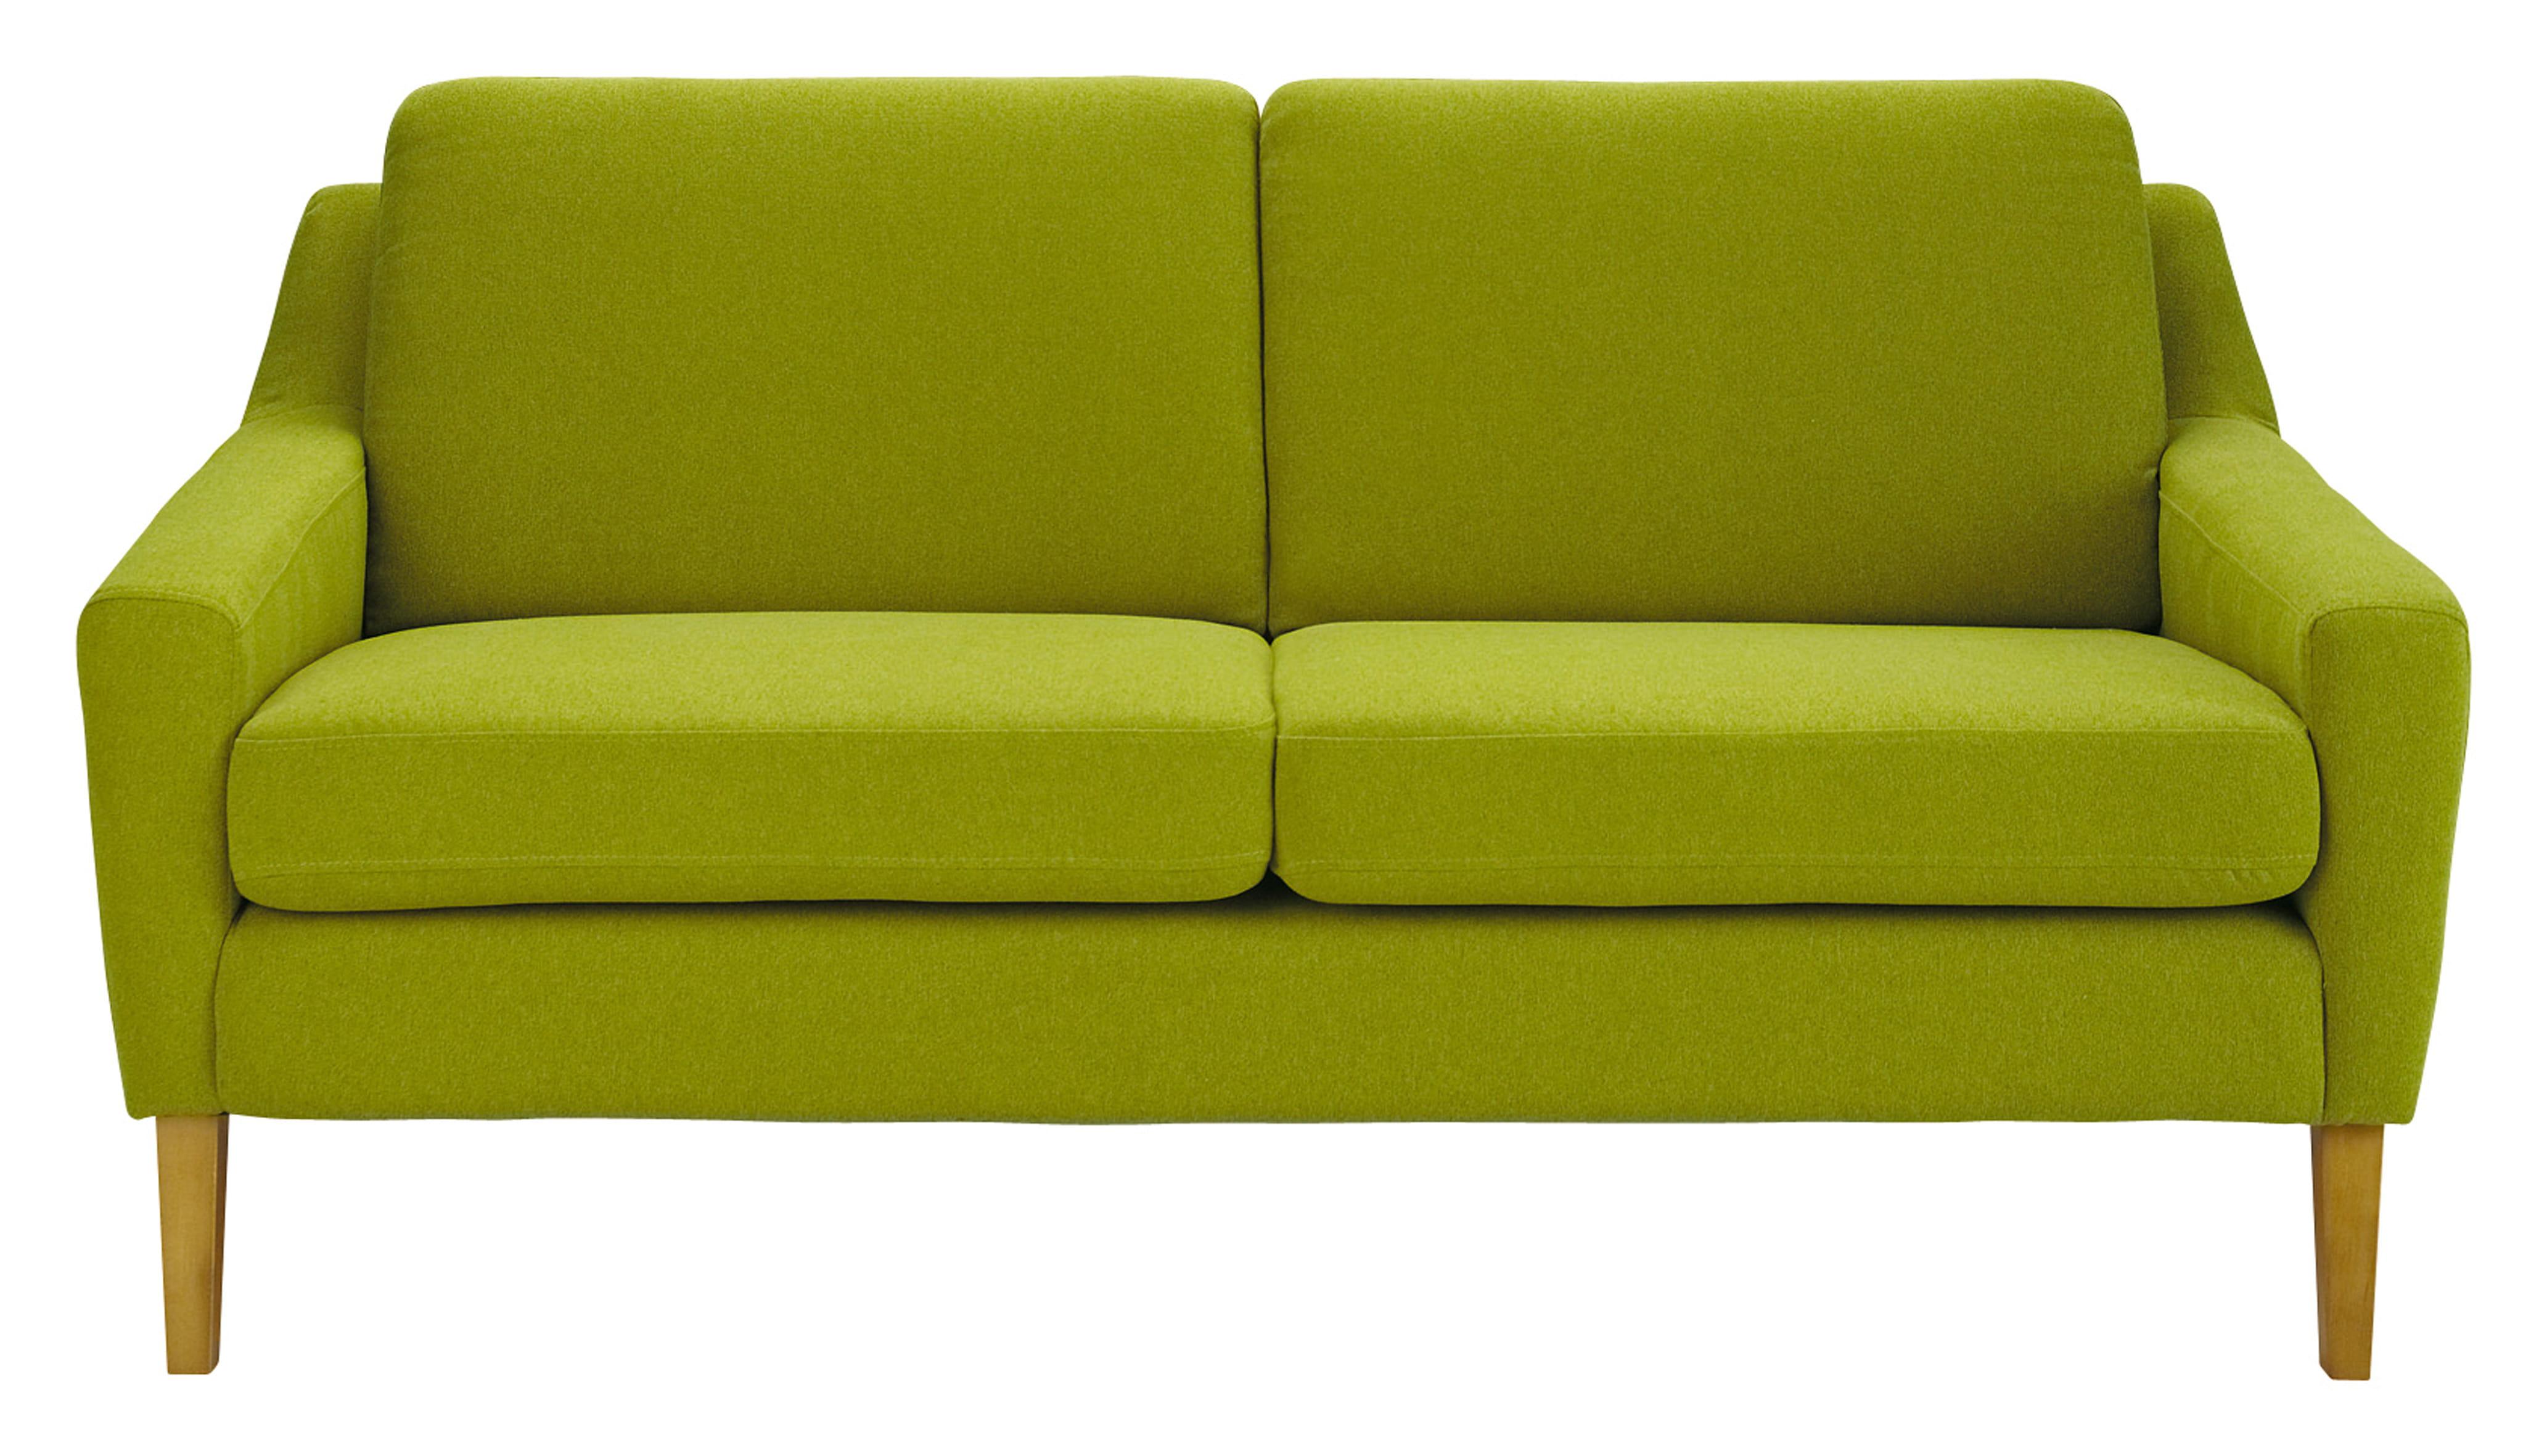 canap 2 places linara maisons du monde. Black Bedroom Furniture Sets. Home Design Ideas